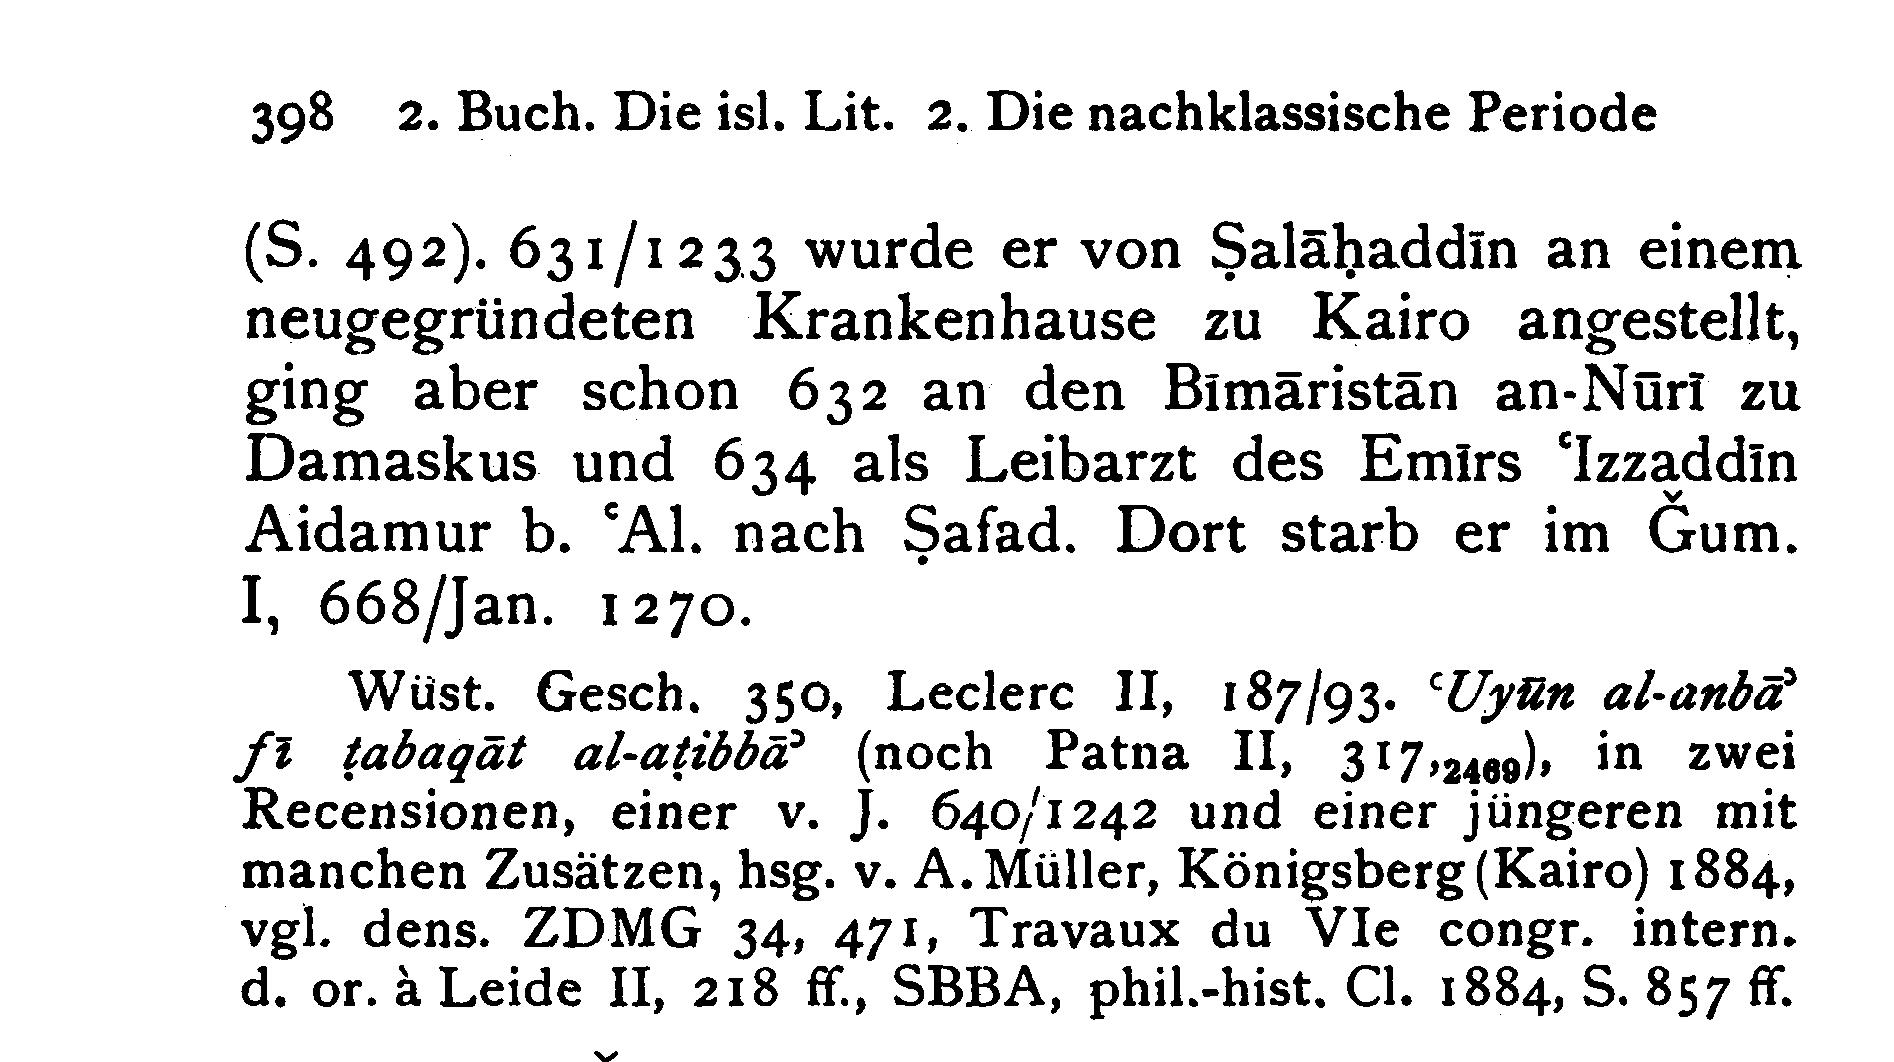 brockelmann2_vol1_398